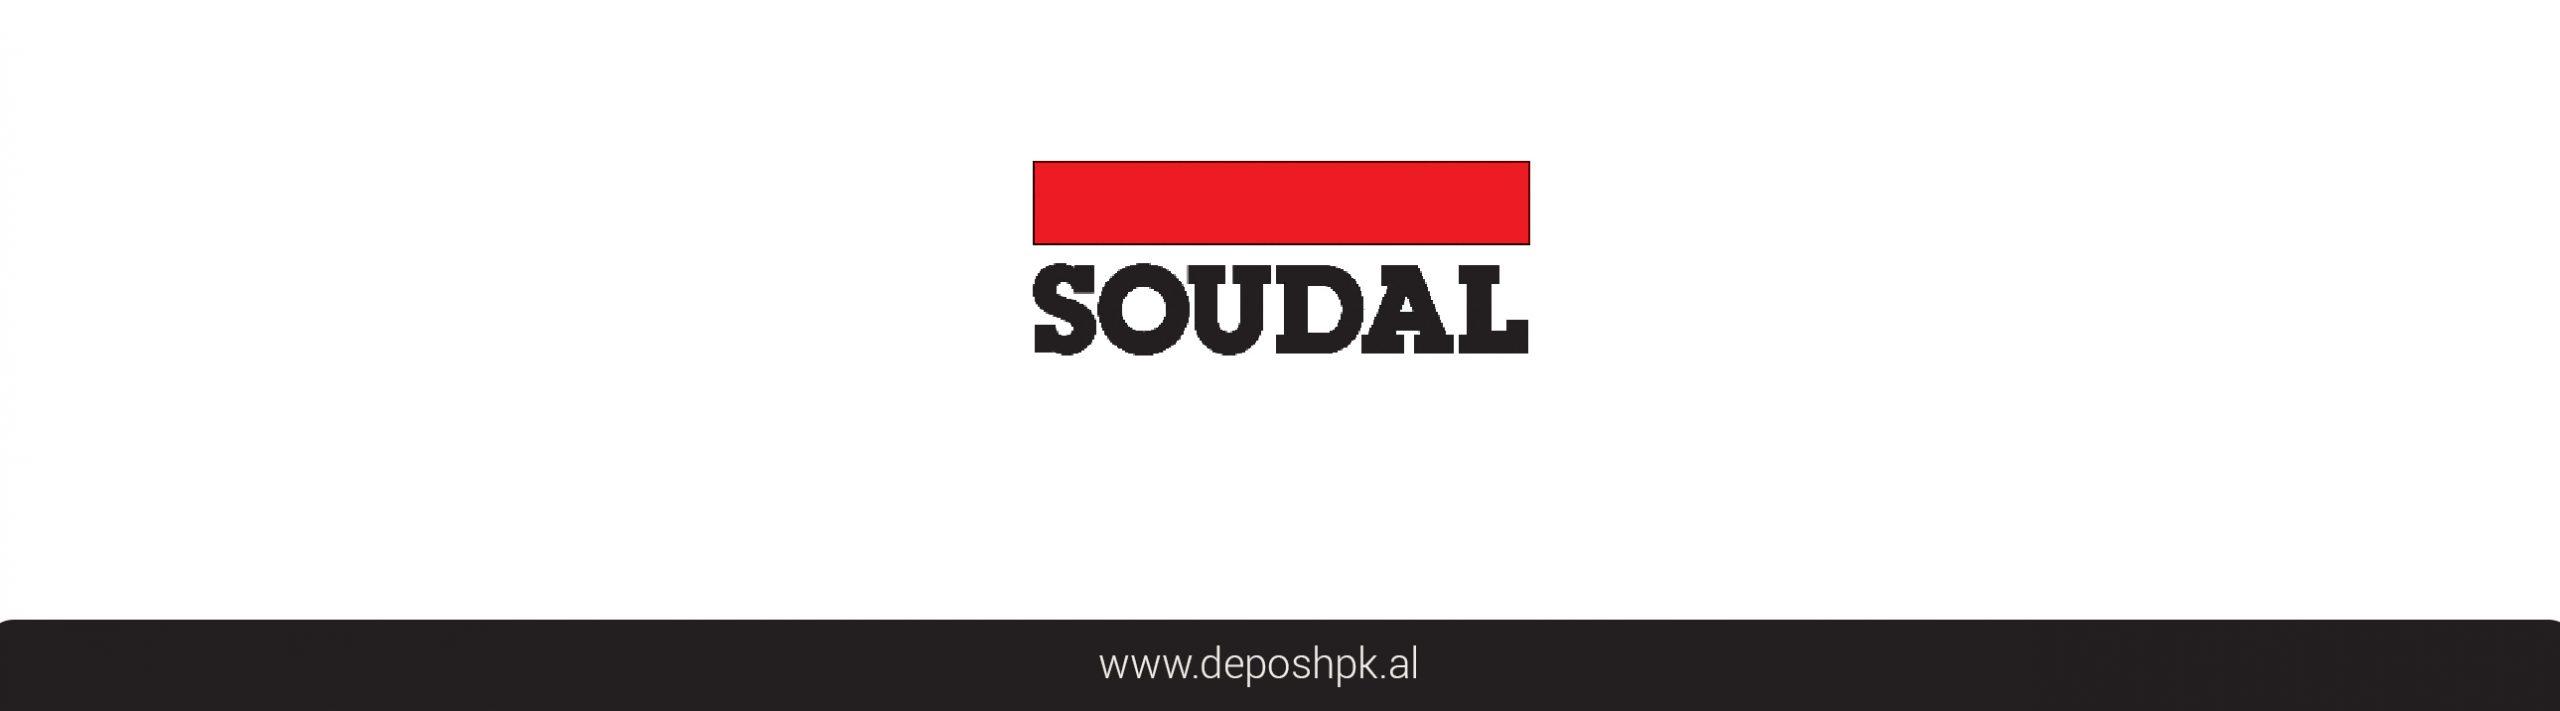 https://www.deposhpk.al/wp-content/uploads/2019/12/soudal-produkt-deposhpk.al_-1-scaled.jpg